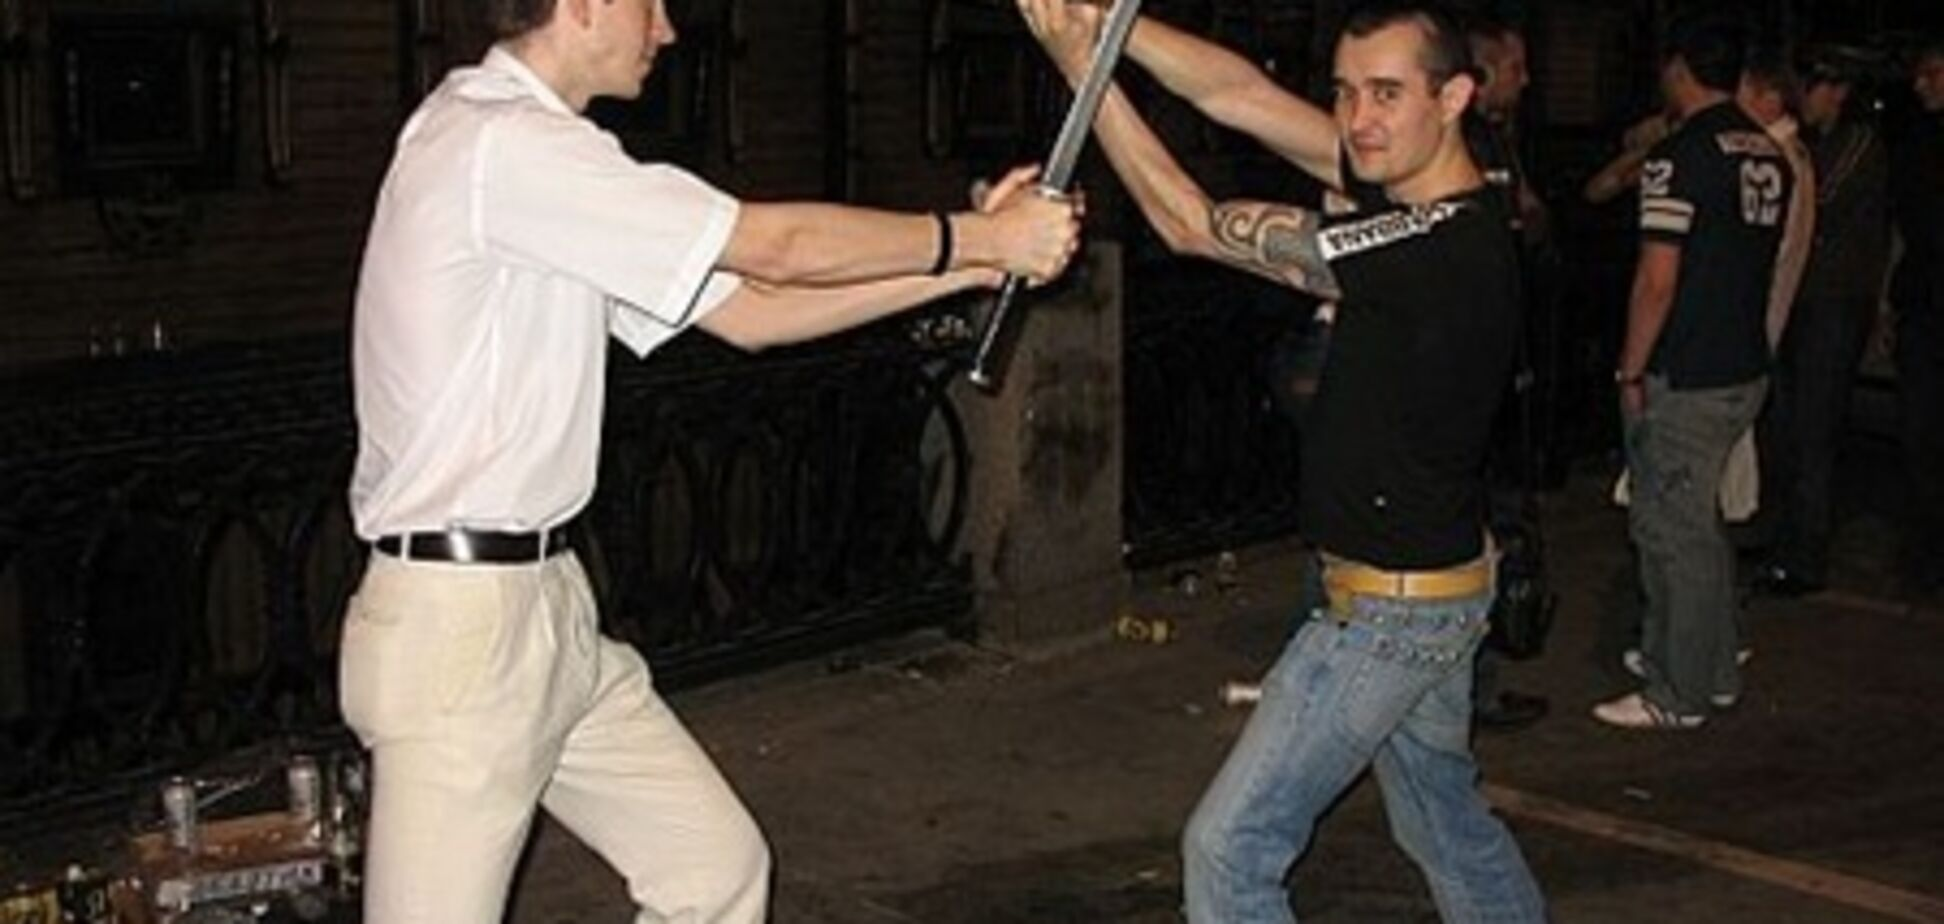 Итогом аварии стала битва на мечах